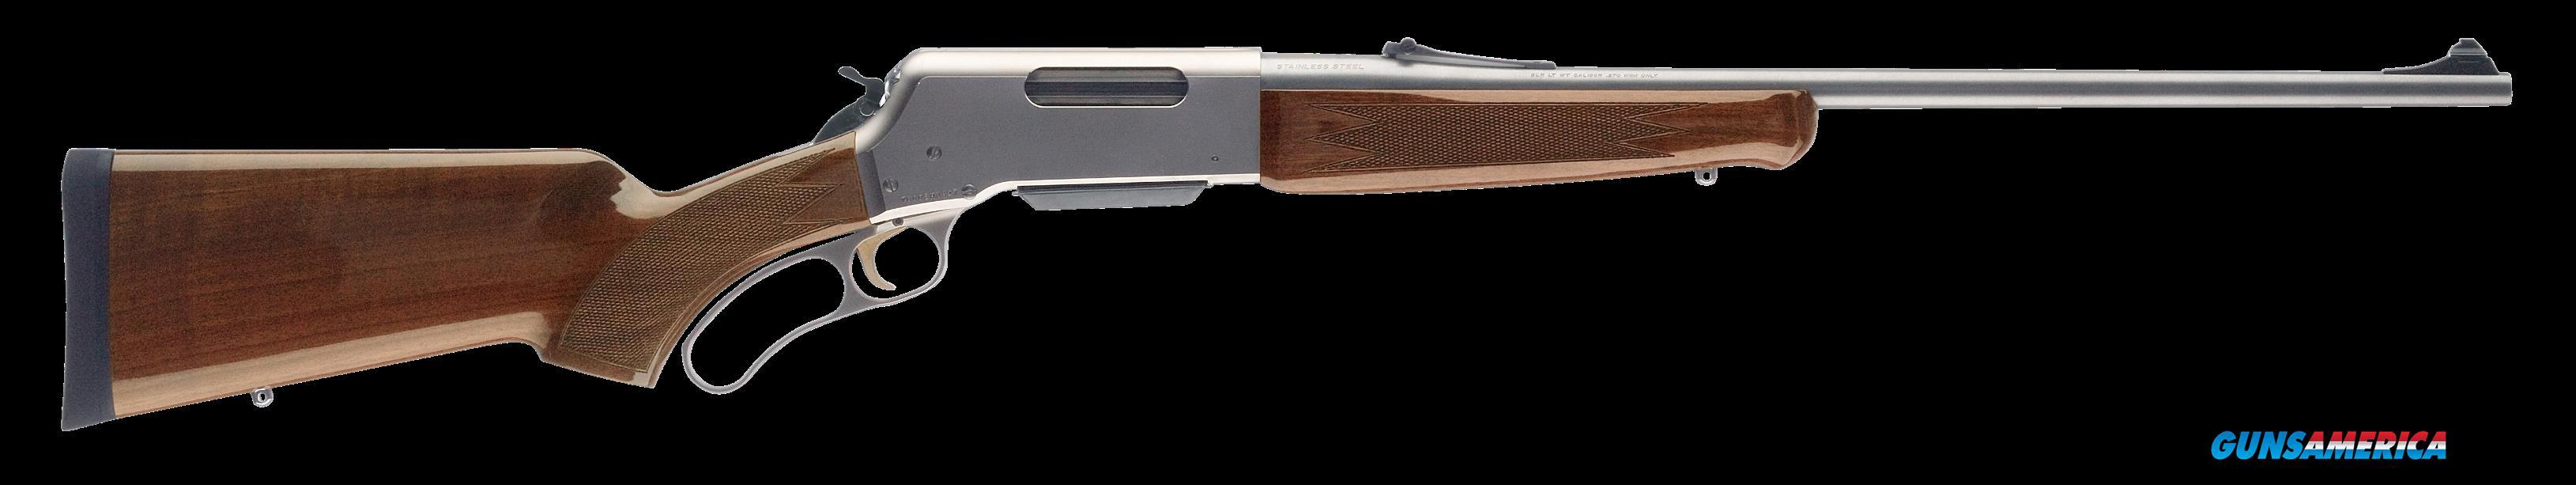 Browning Blr, Brn 034-018116 Blr Lt    Pg 7mm08   Ss  Guns > Pistols > 1911 Pistol Copies (non-Colt)